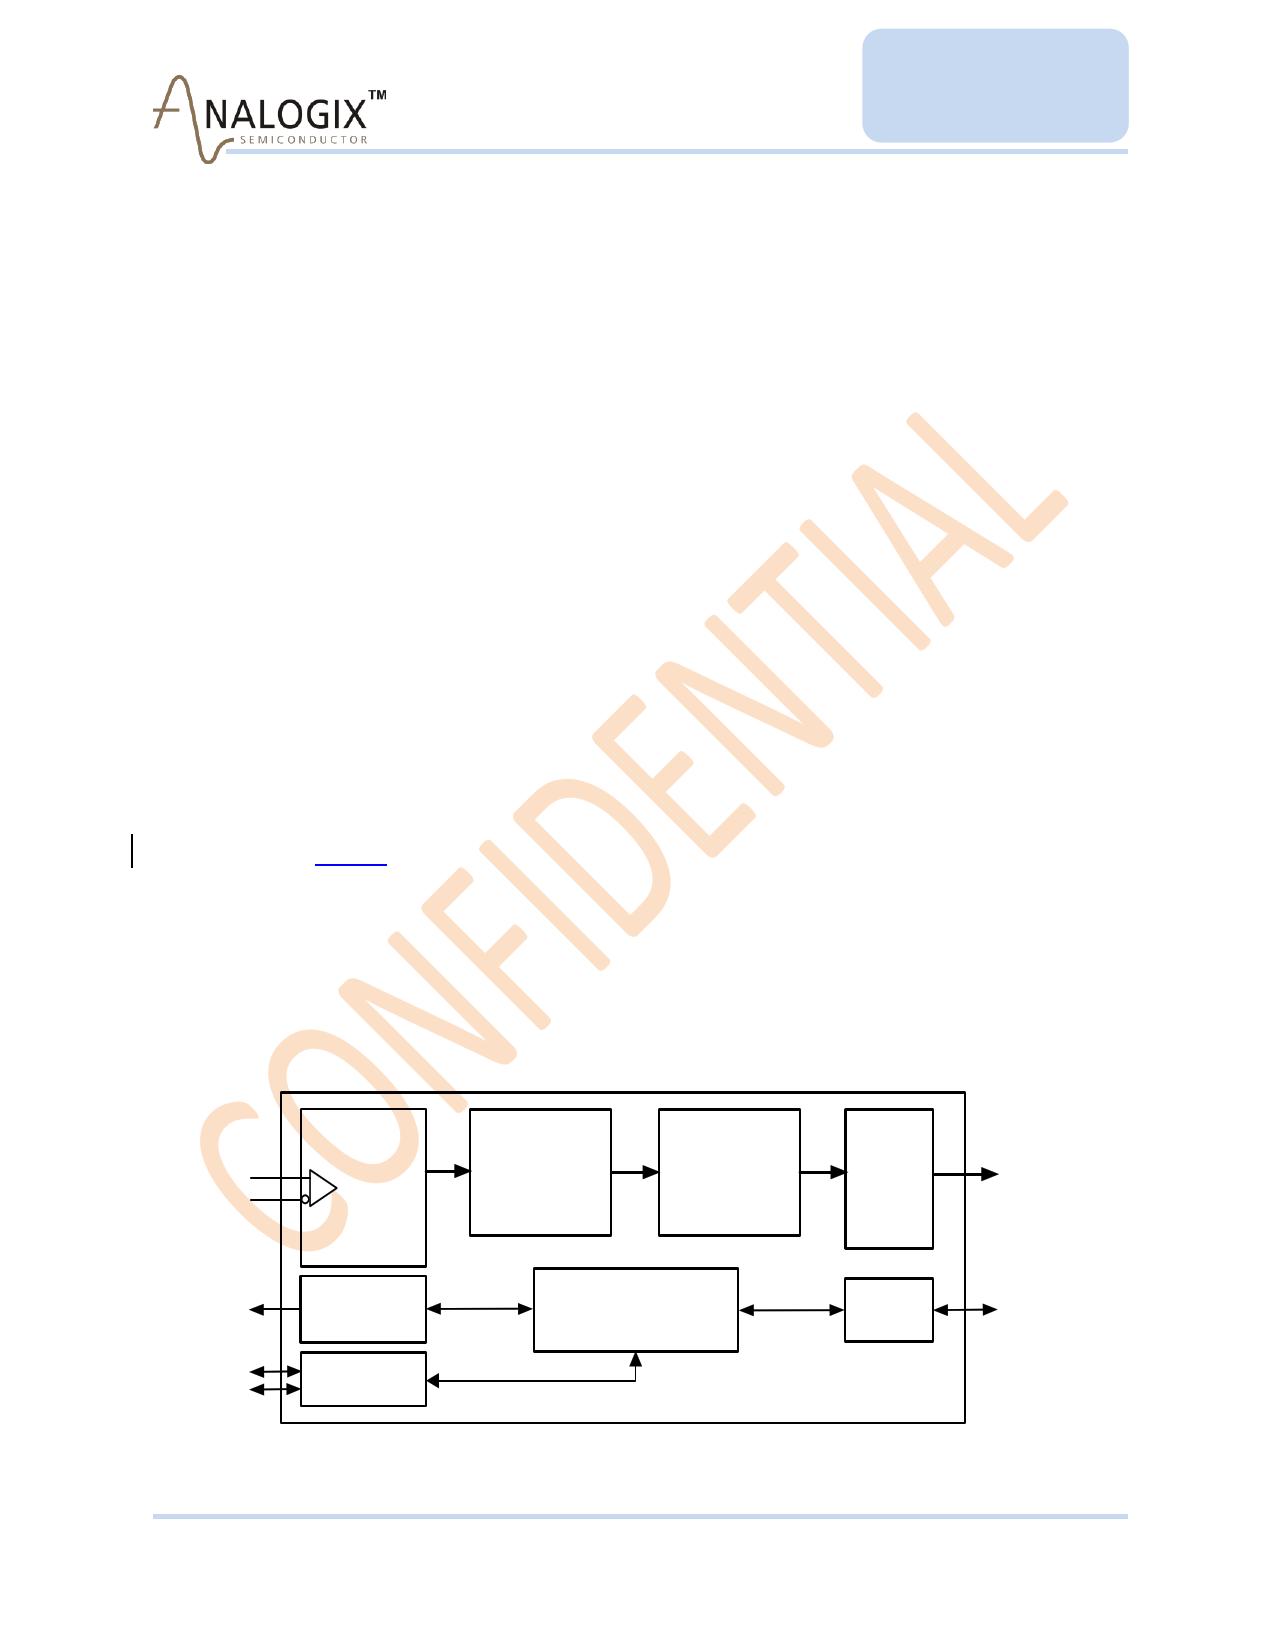 ANX3112 datasheet